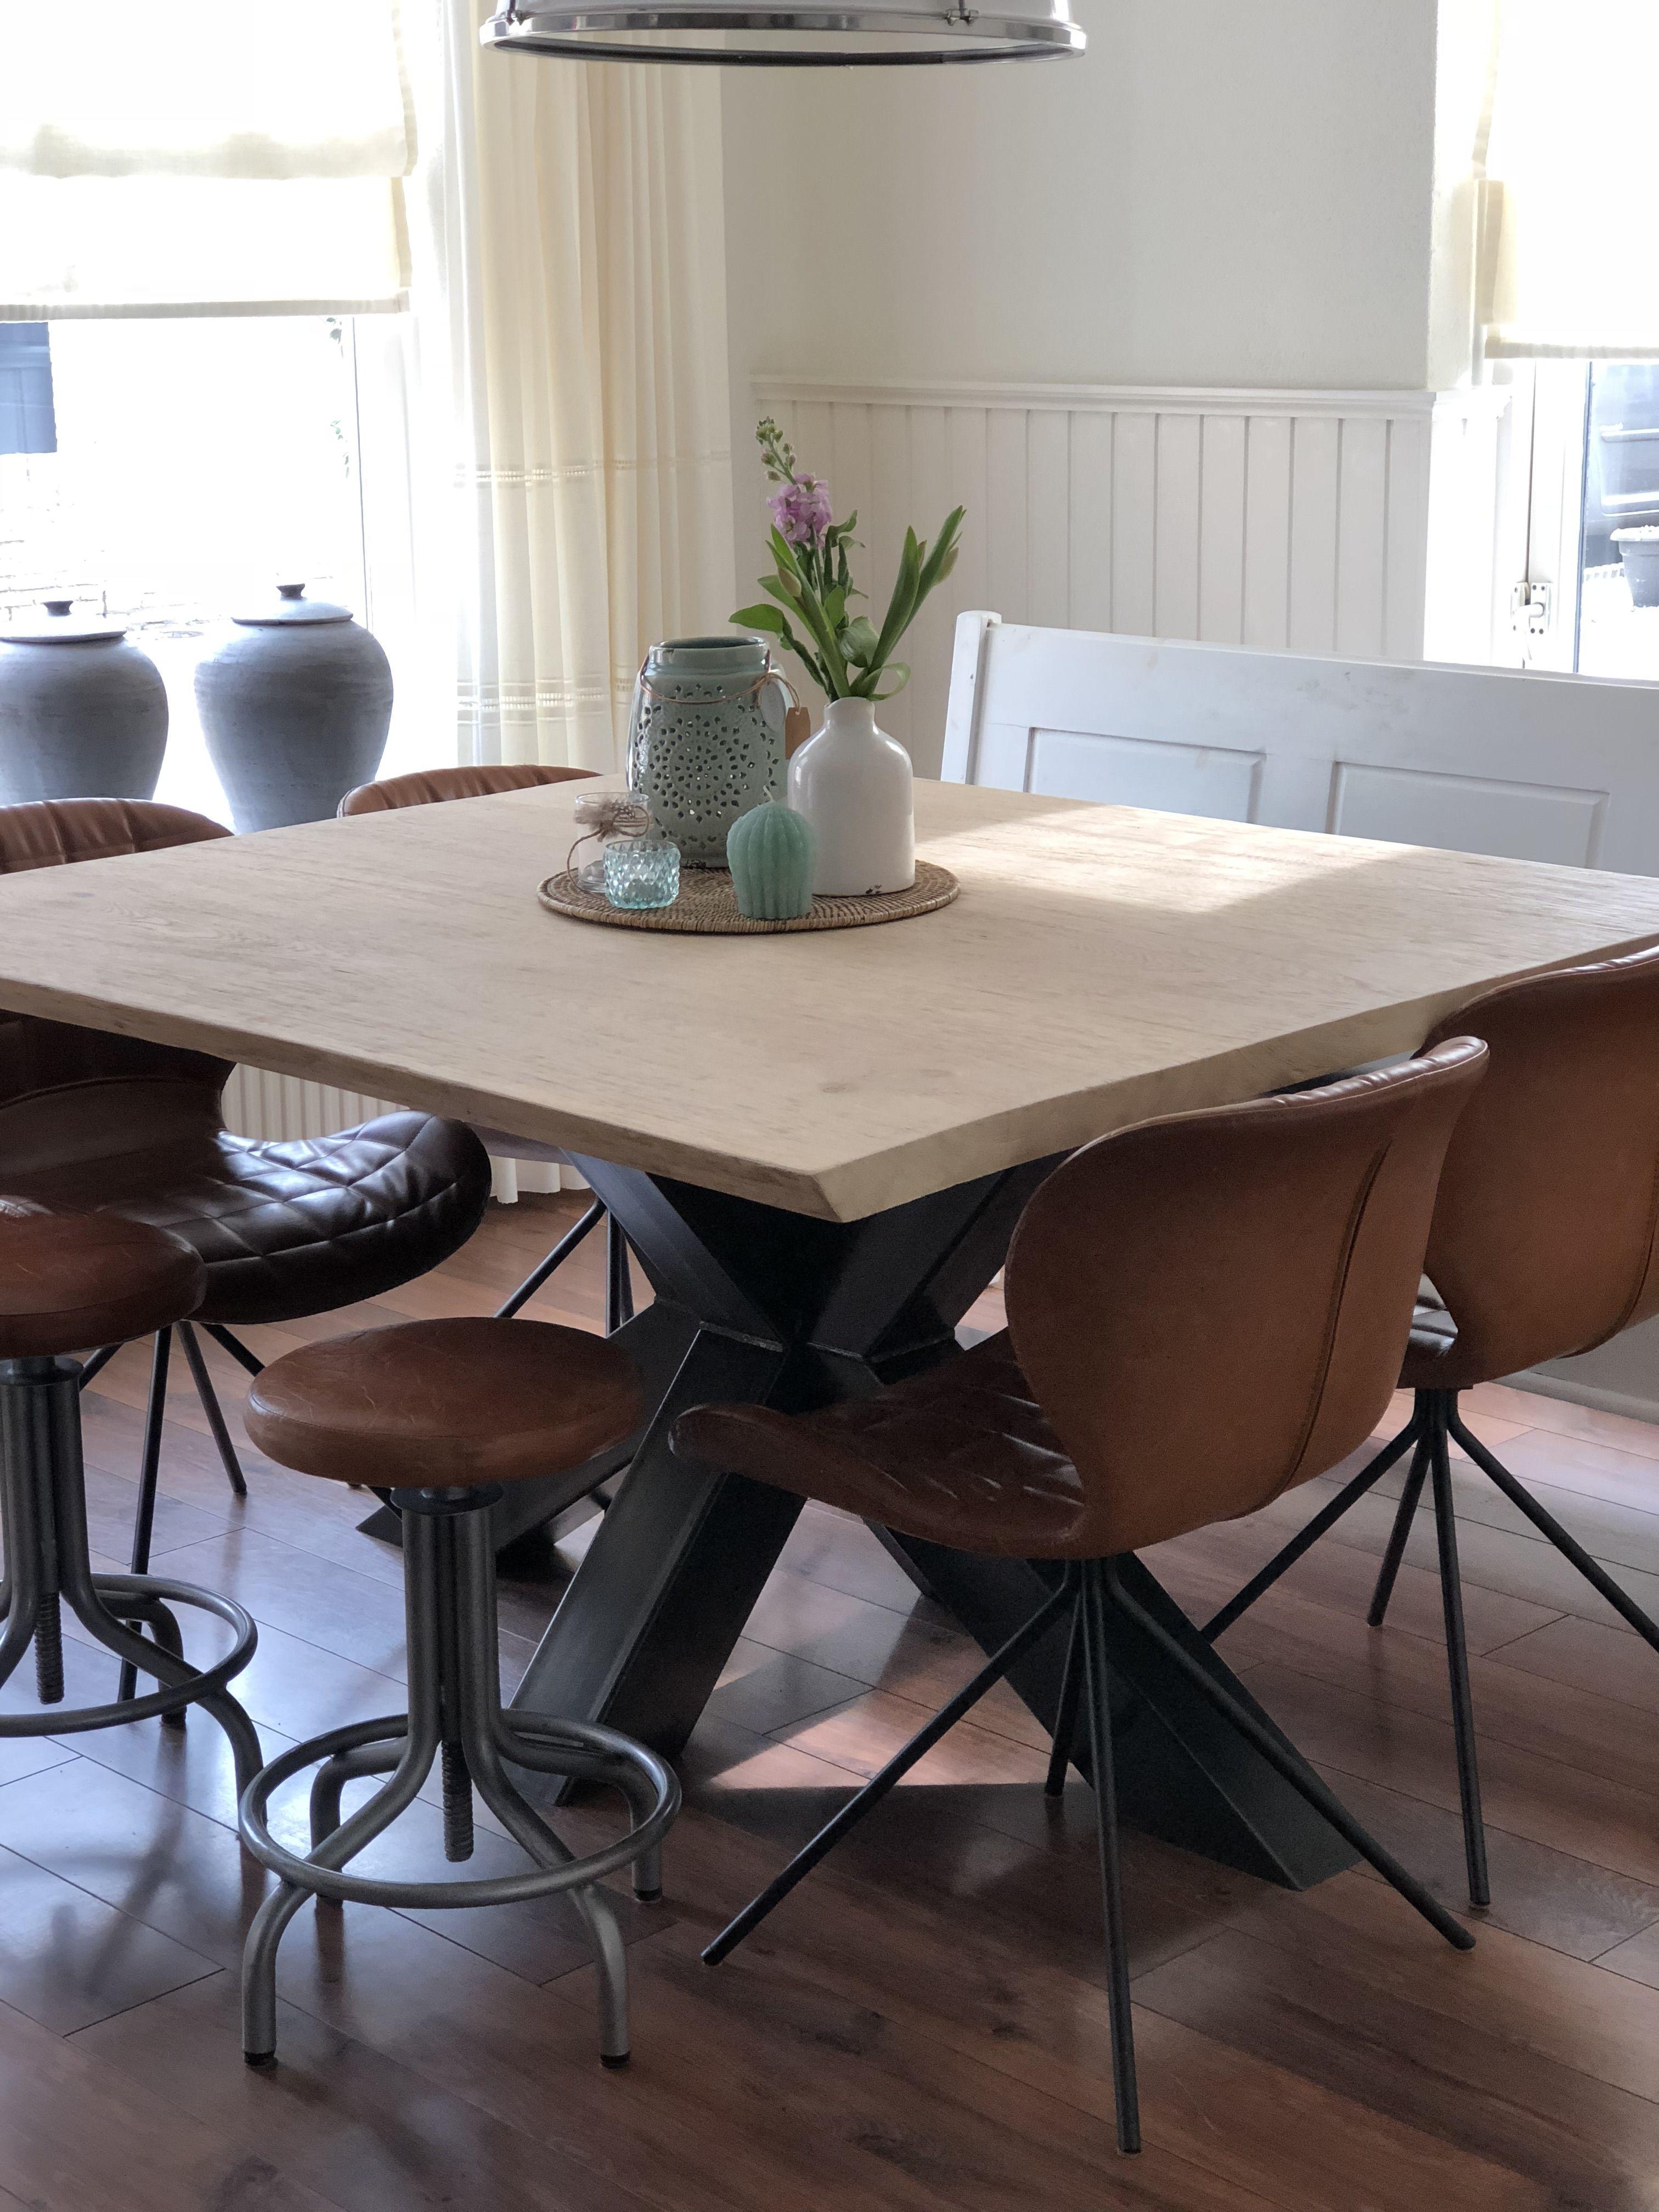 Robuuste Vierkante Eettafel.Een Vierkante Eettafel Van 150x150cm Met 4 Omg